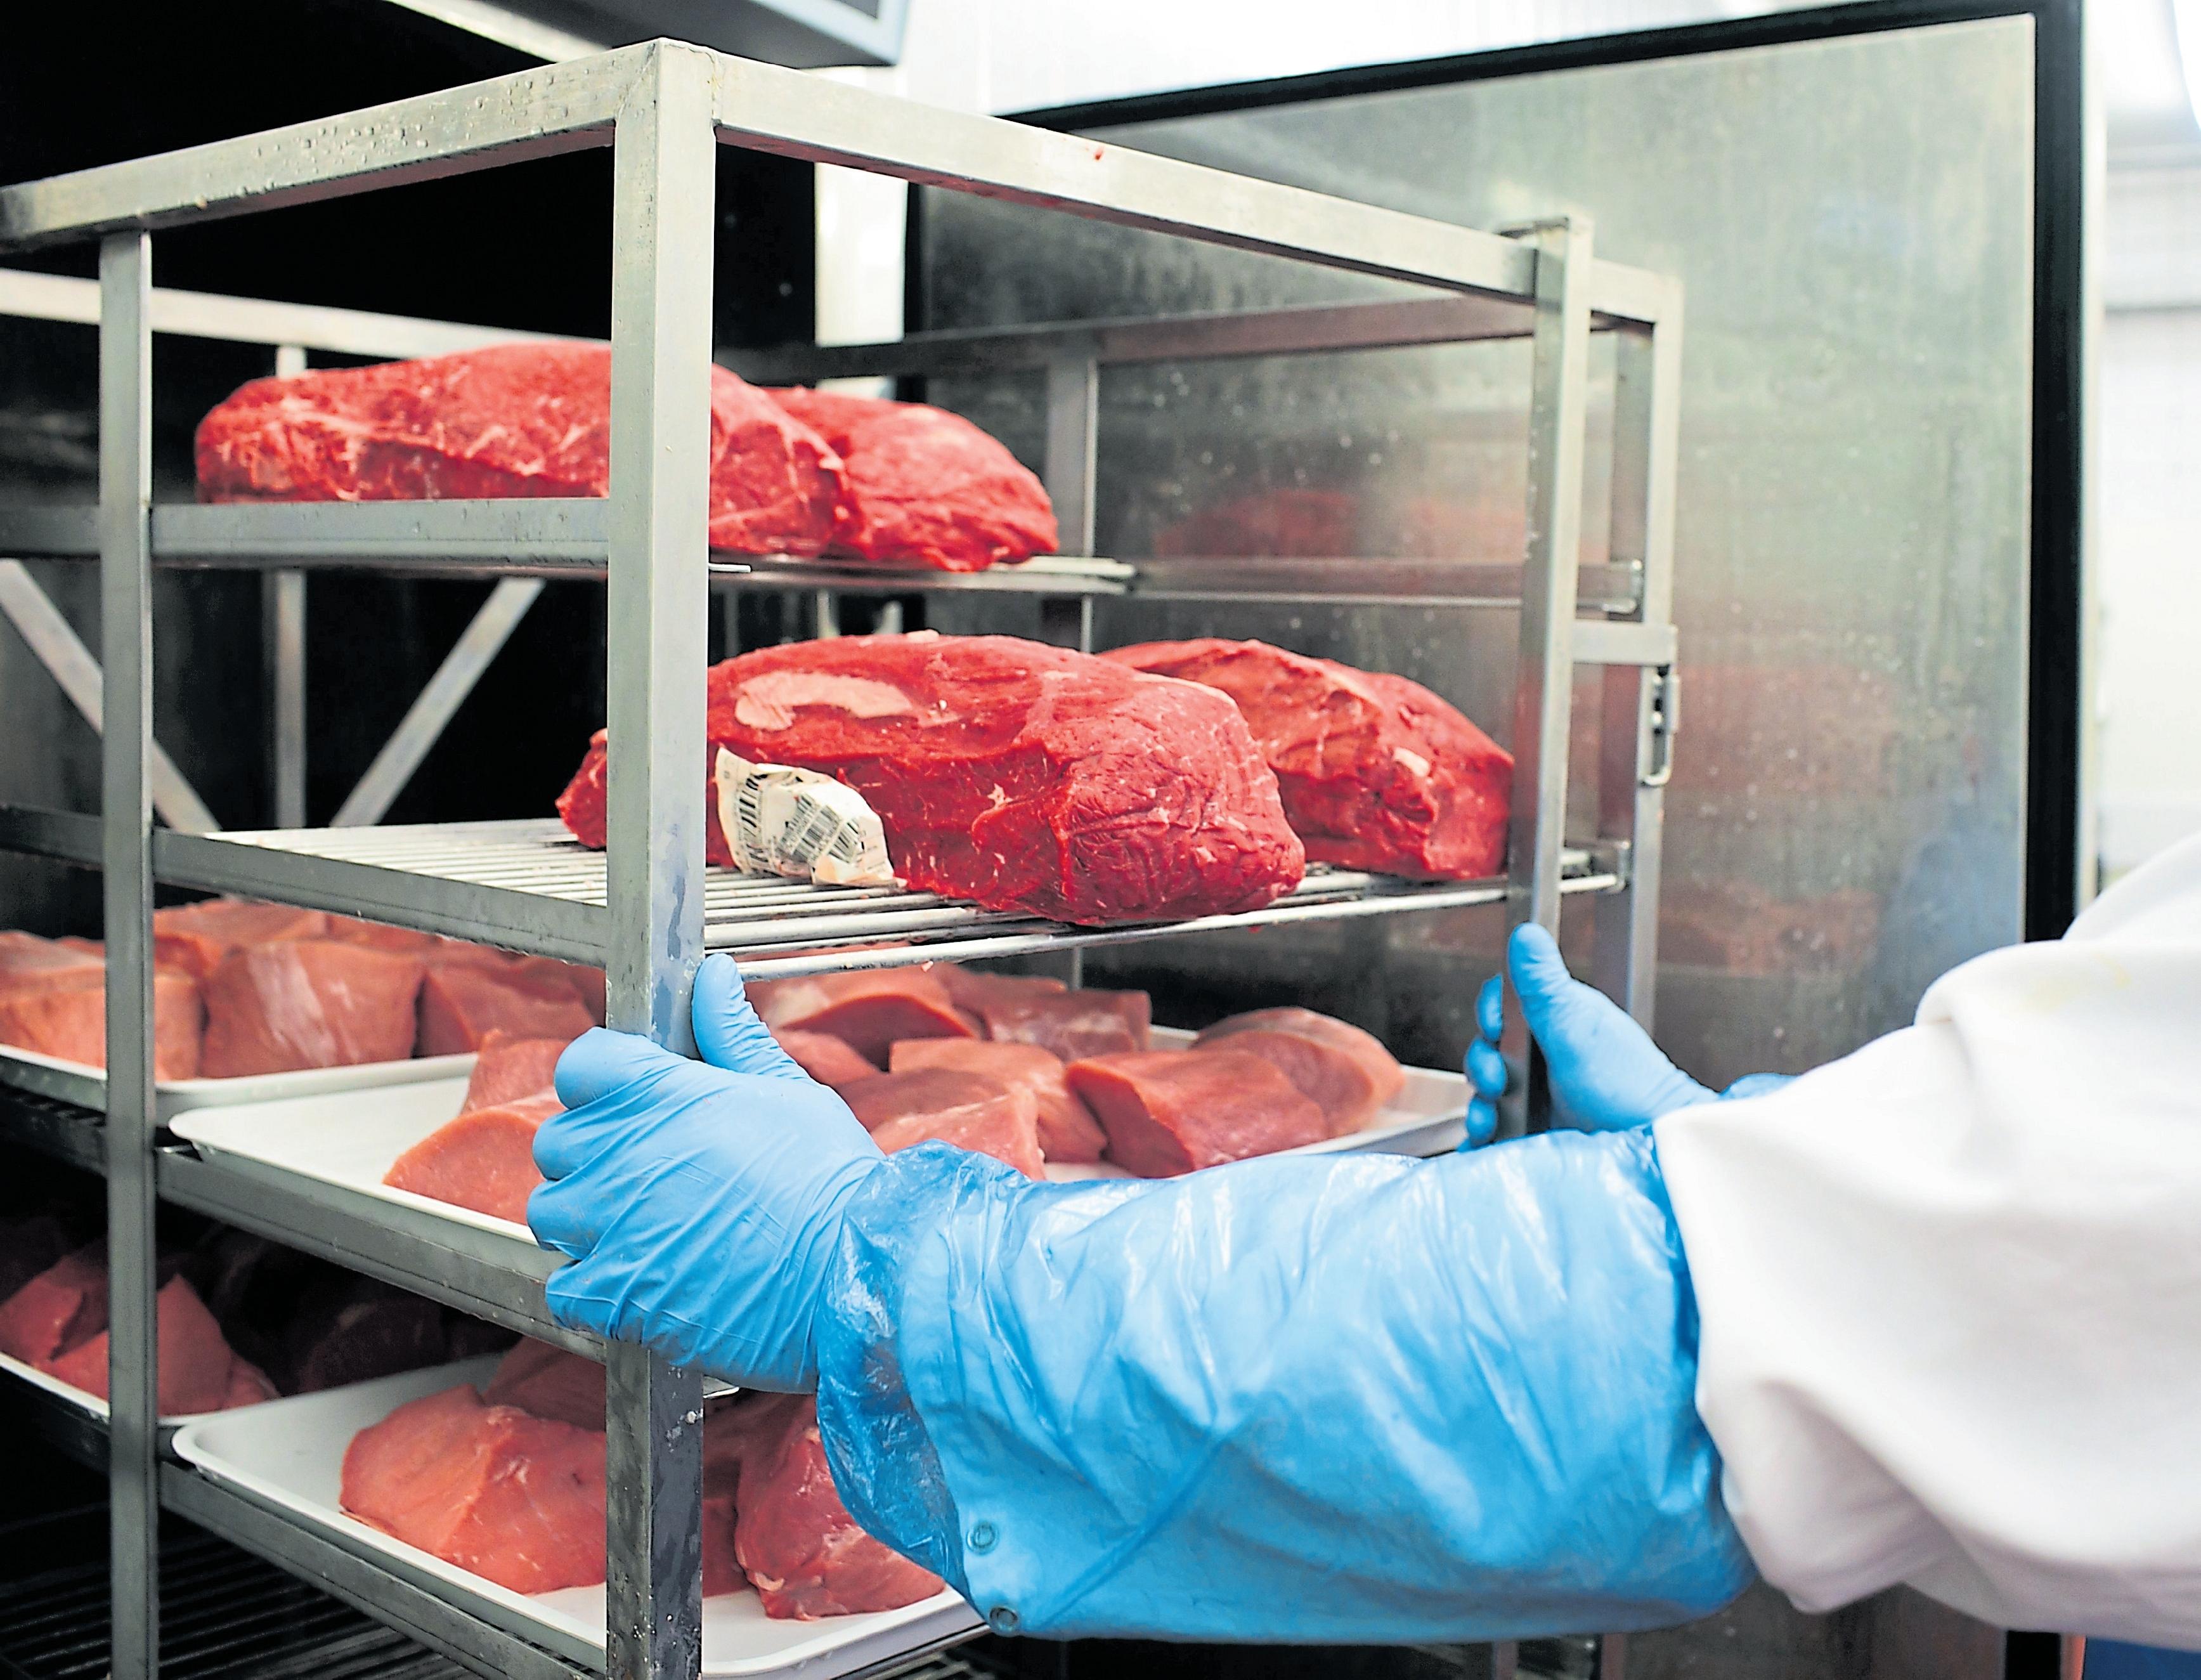 Jedes Stück Rindfleisch lässt sich zu jeder Zeit per Barcode zu dem jeweiligen Tier sowie dem Erzeuger zurückverfolgen.